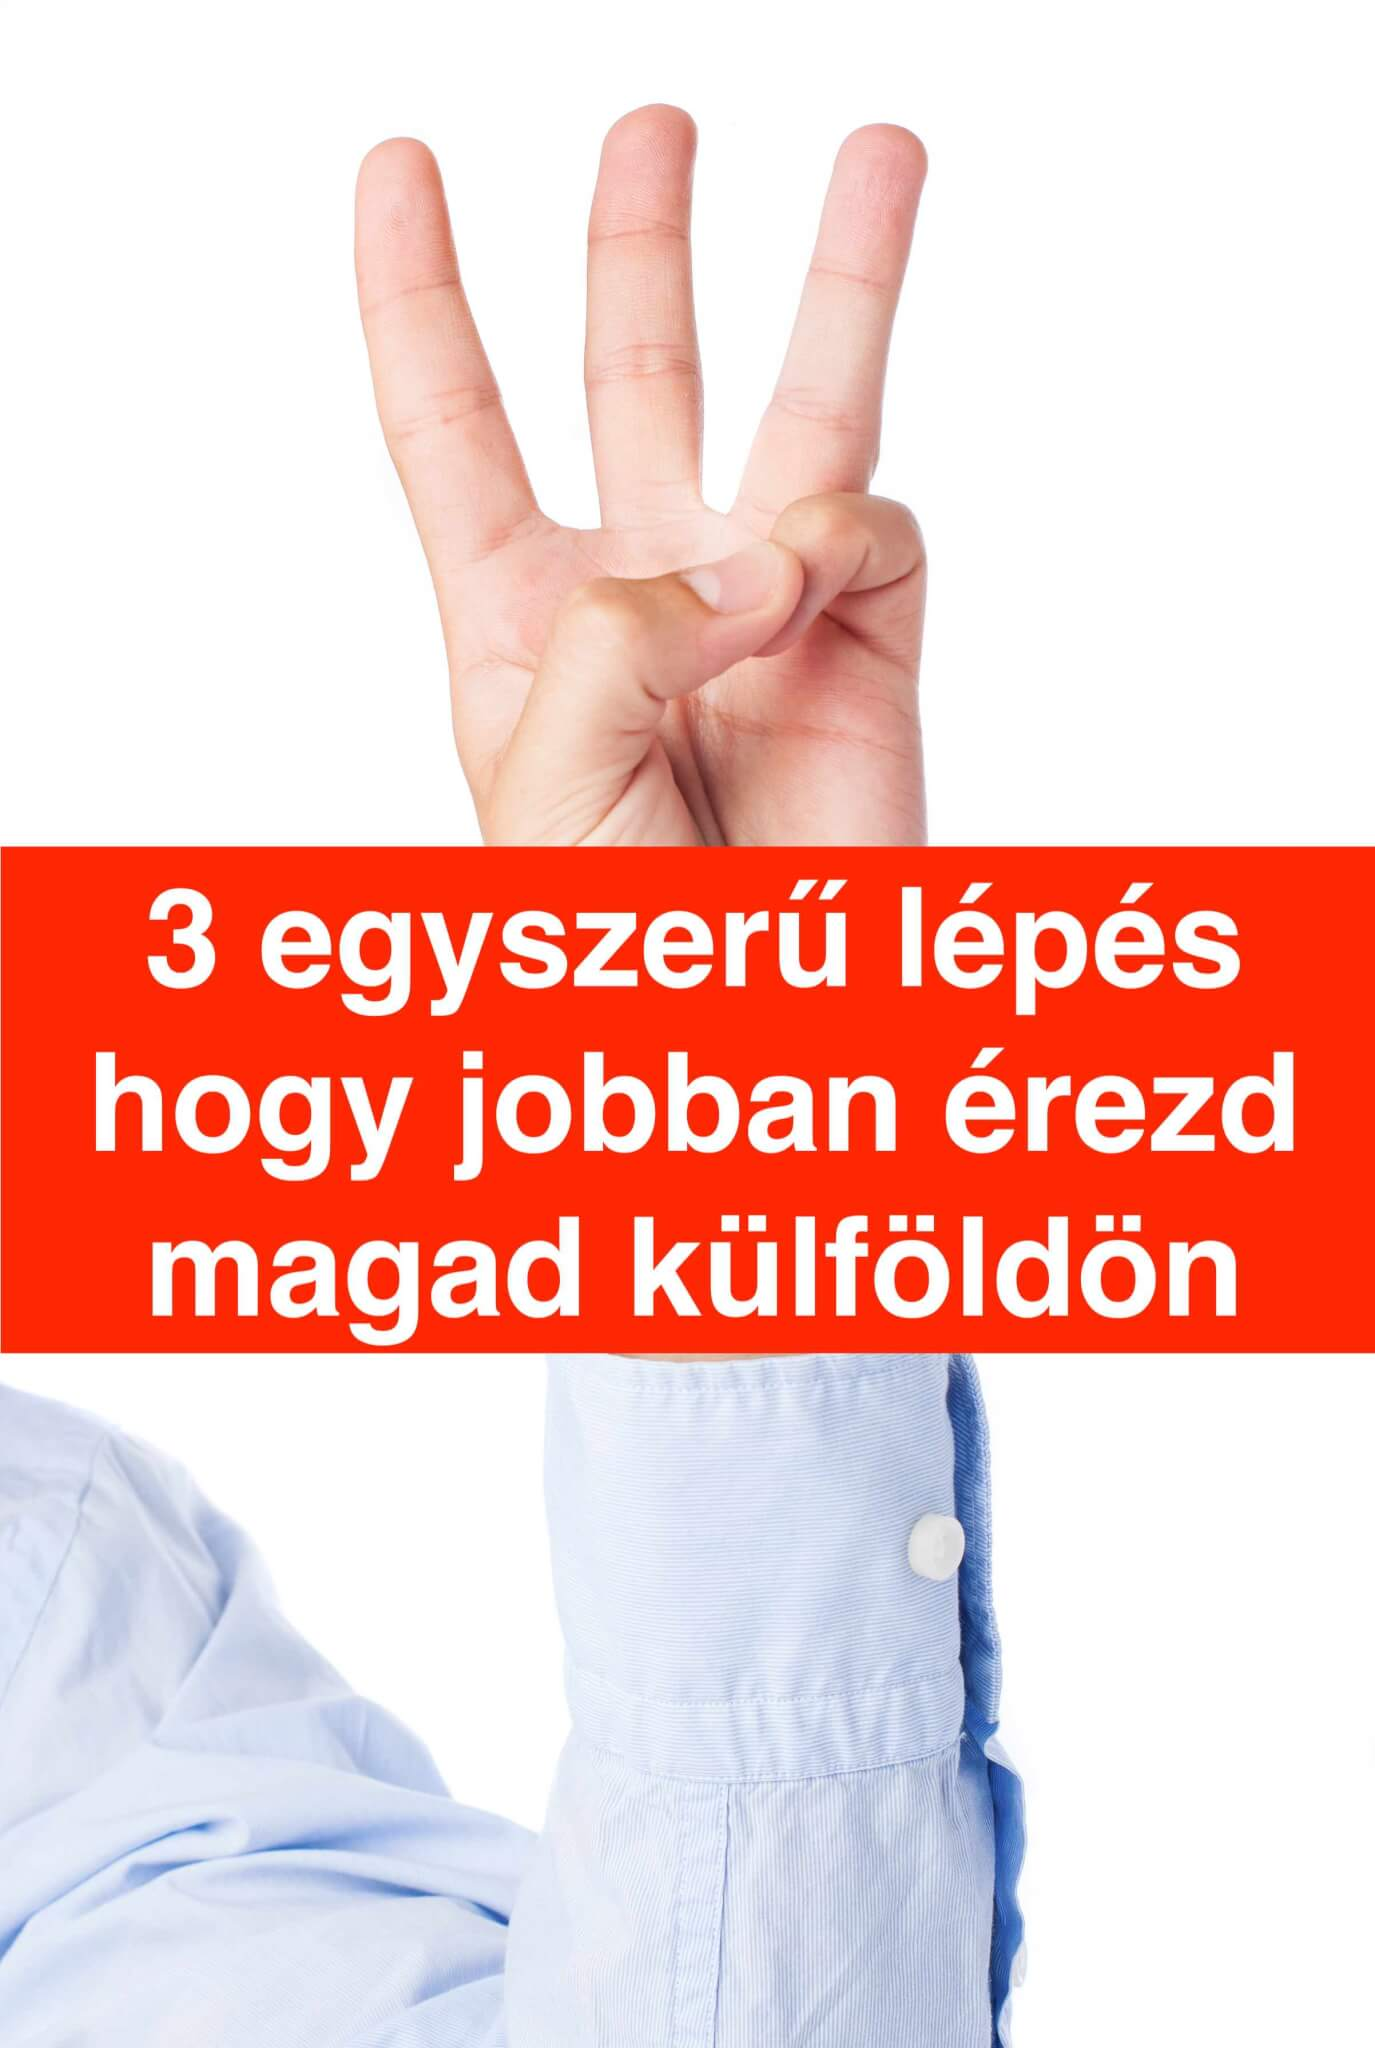 3 lépésben a jobb közérzetért